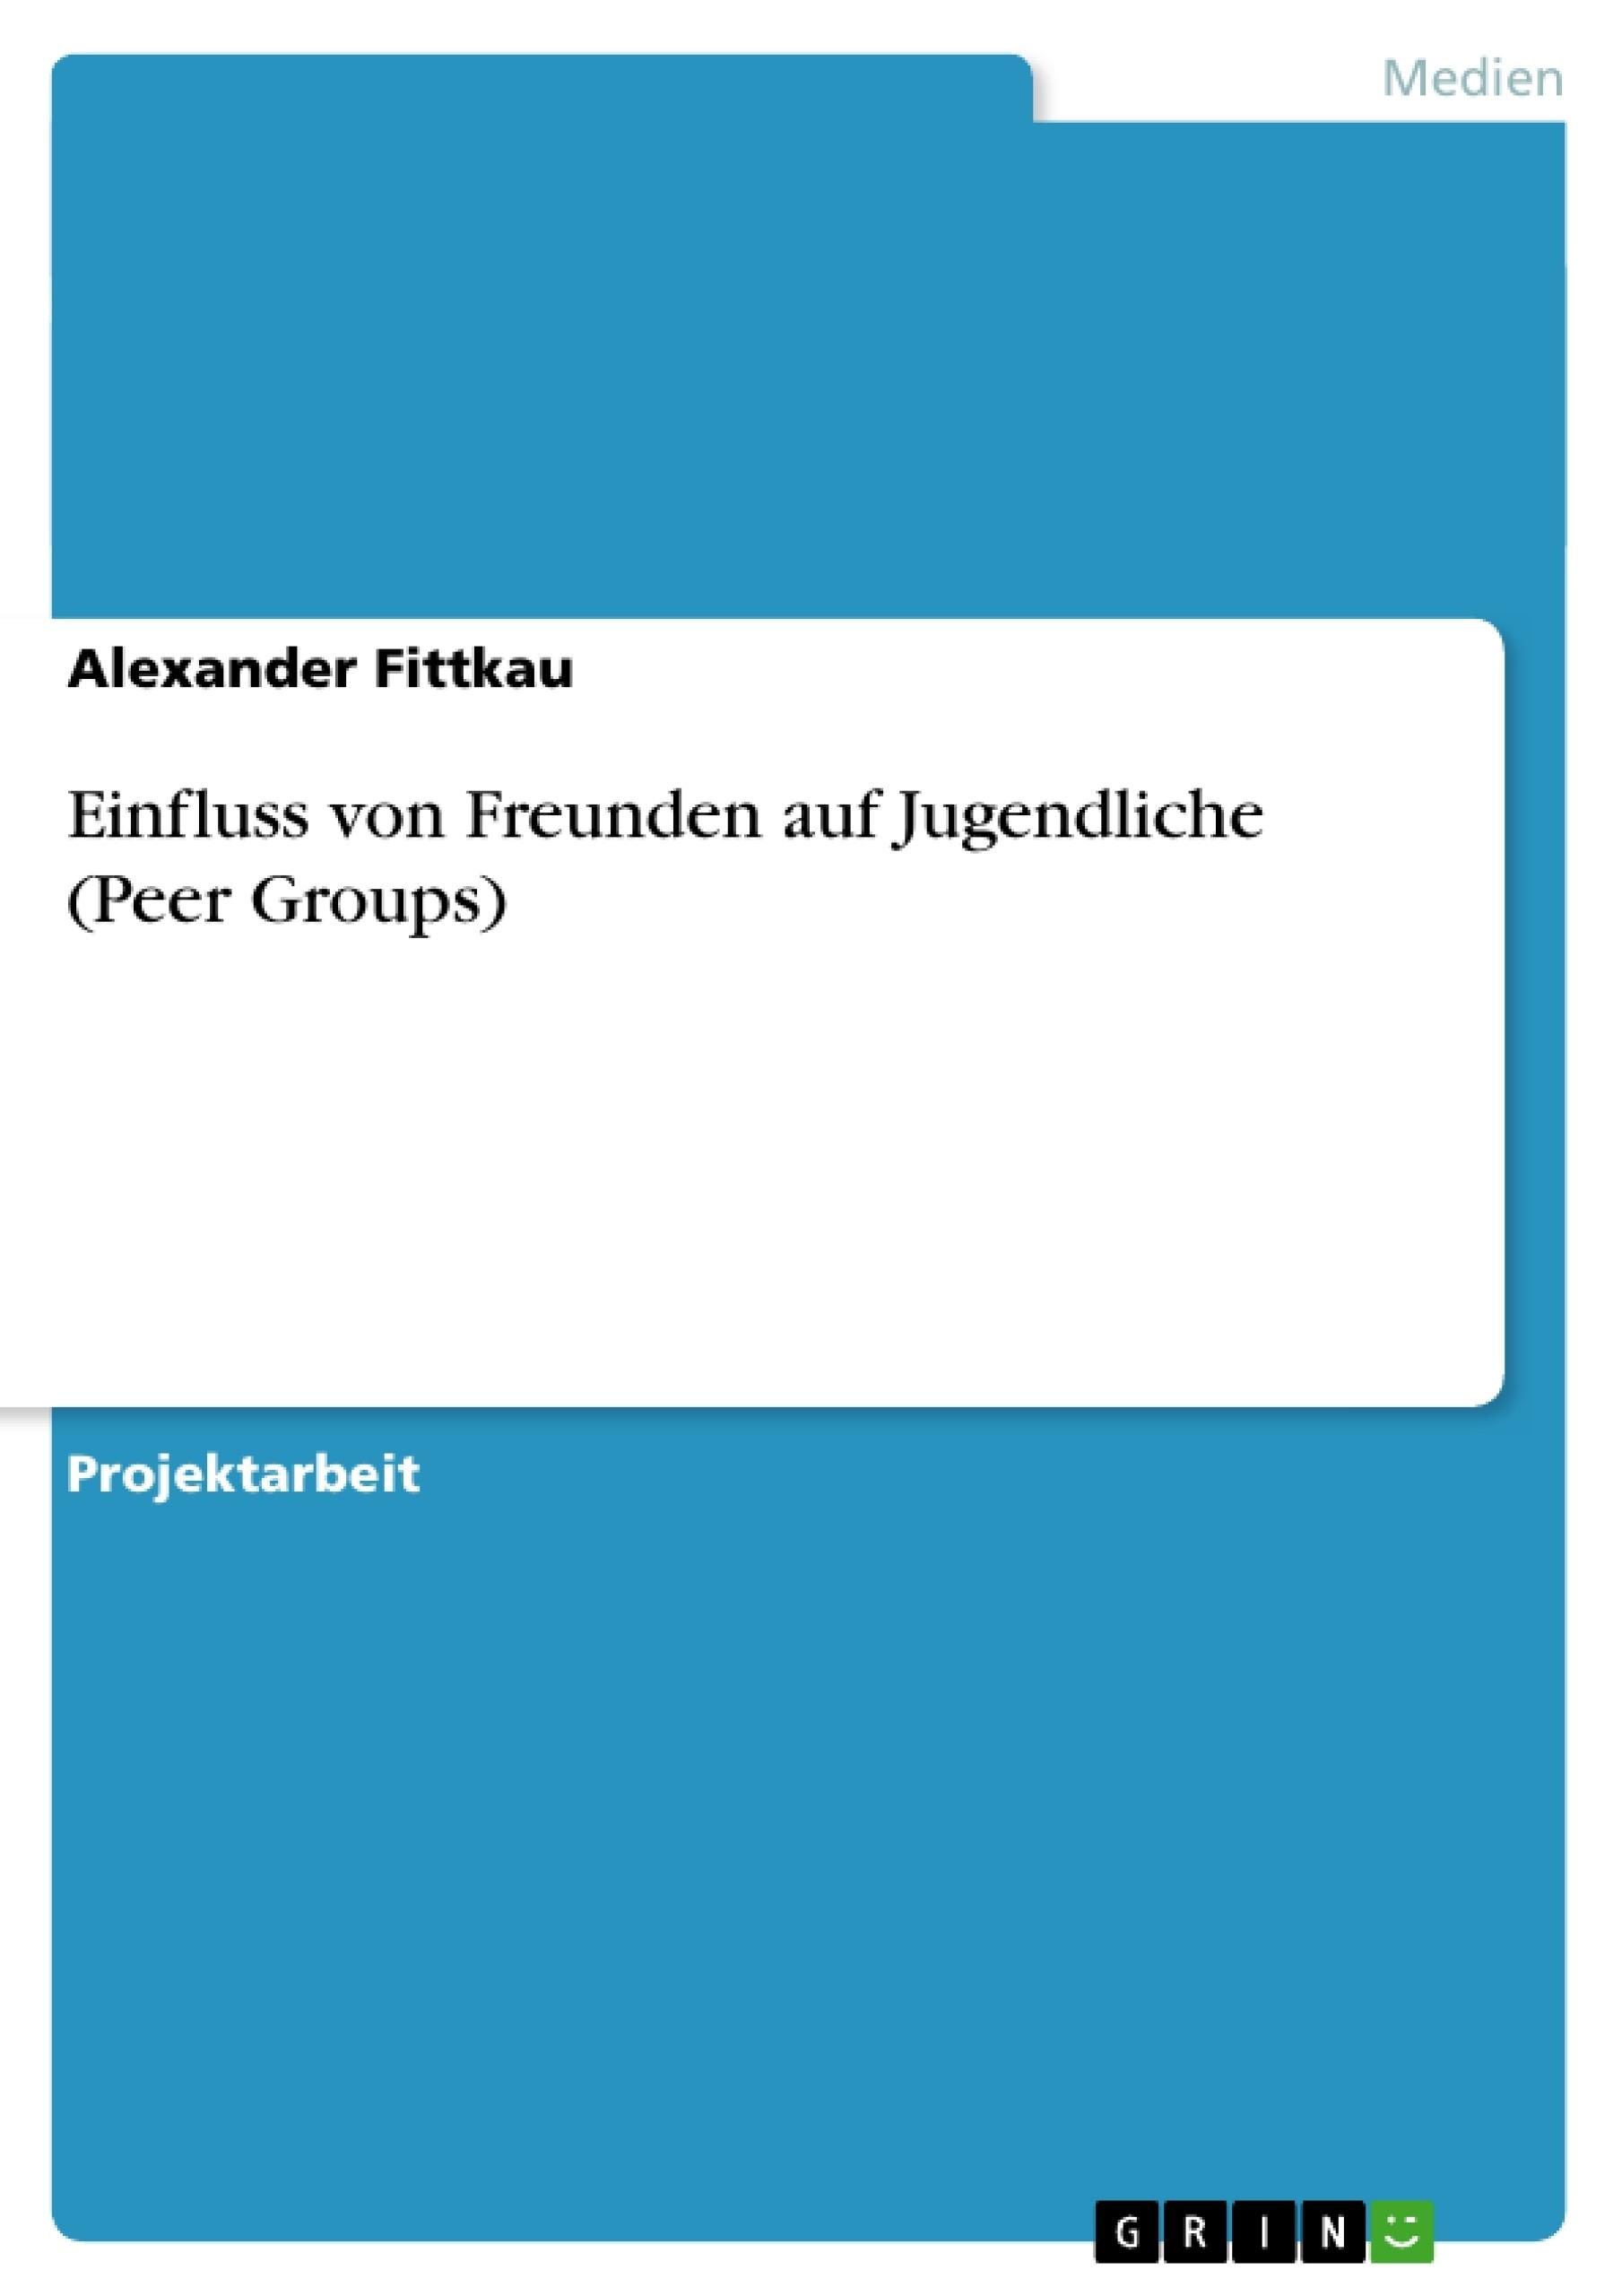 Titel: Einfluss von Freunden auf Jugendliche (Peer Groups)